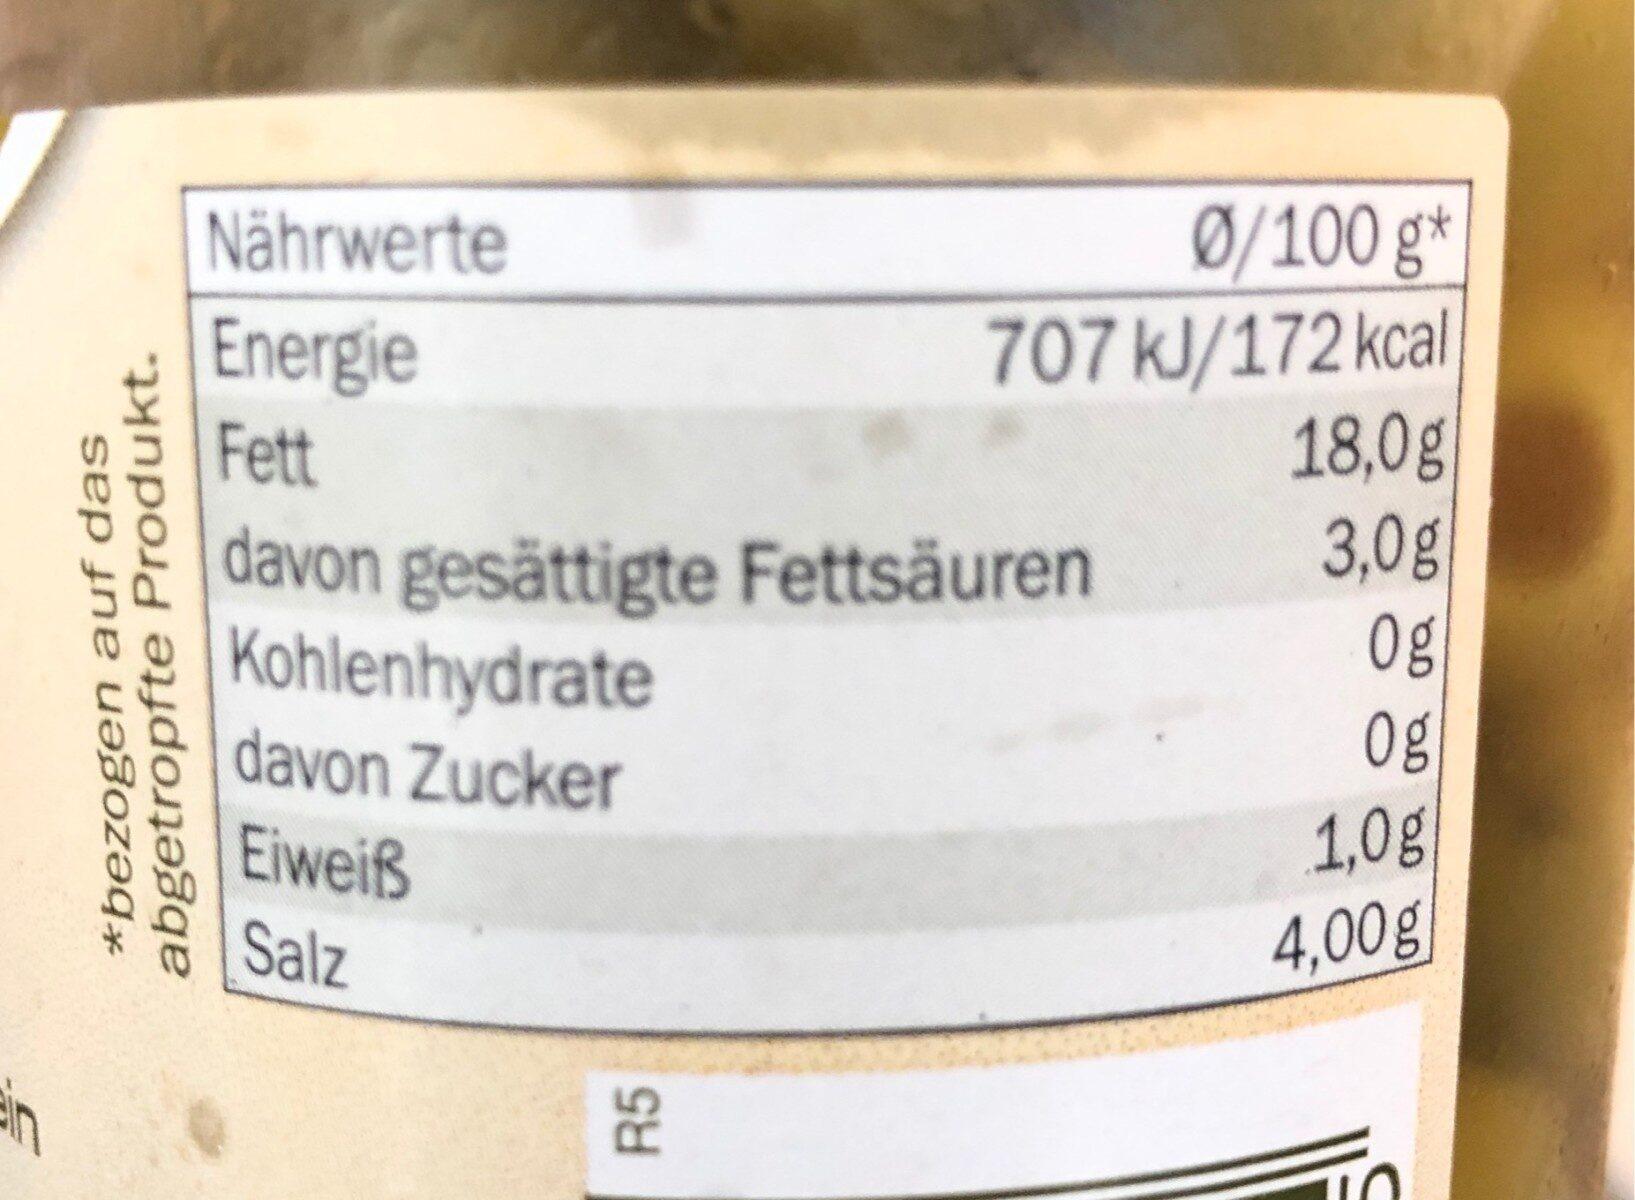 Green olives - Wartości odżywcze - pl